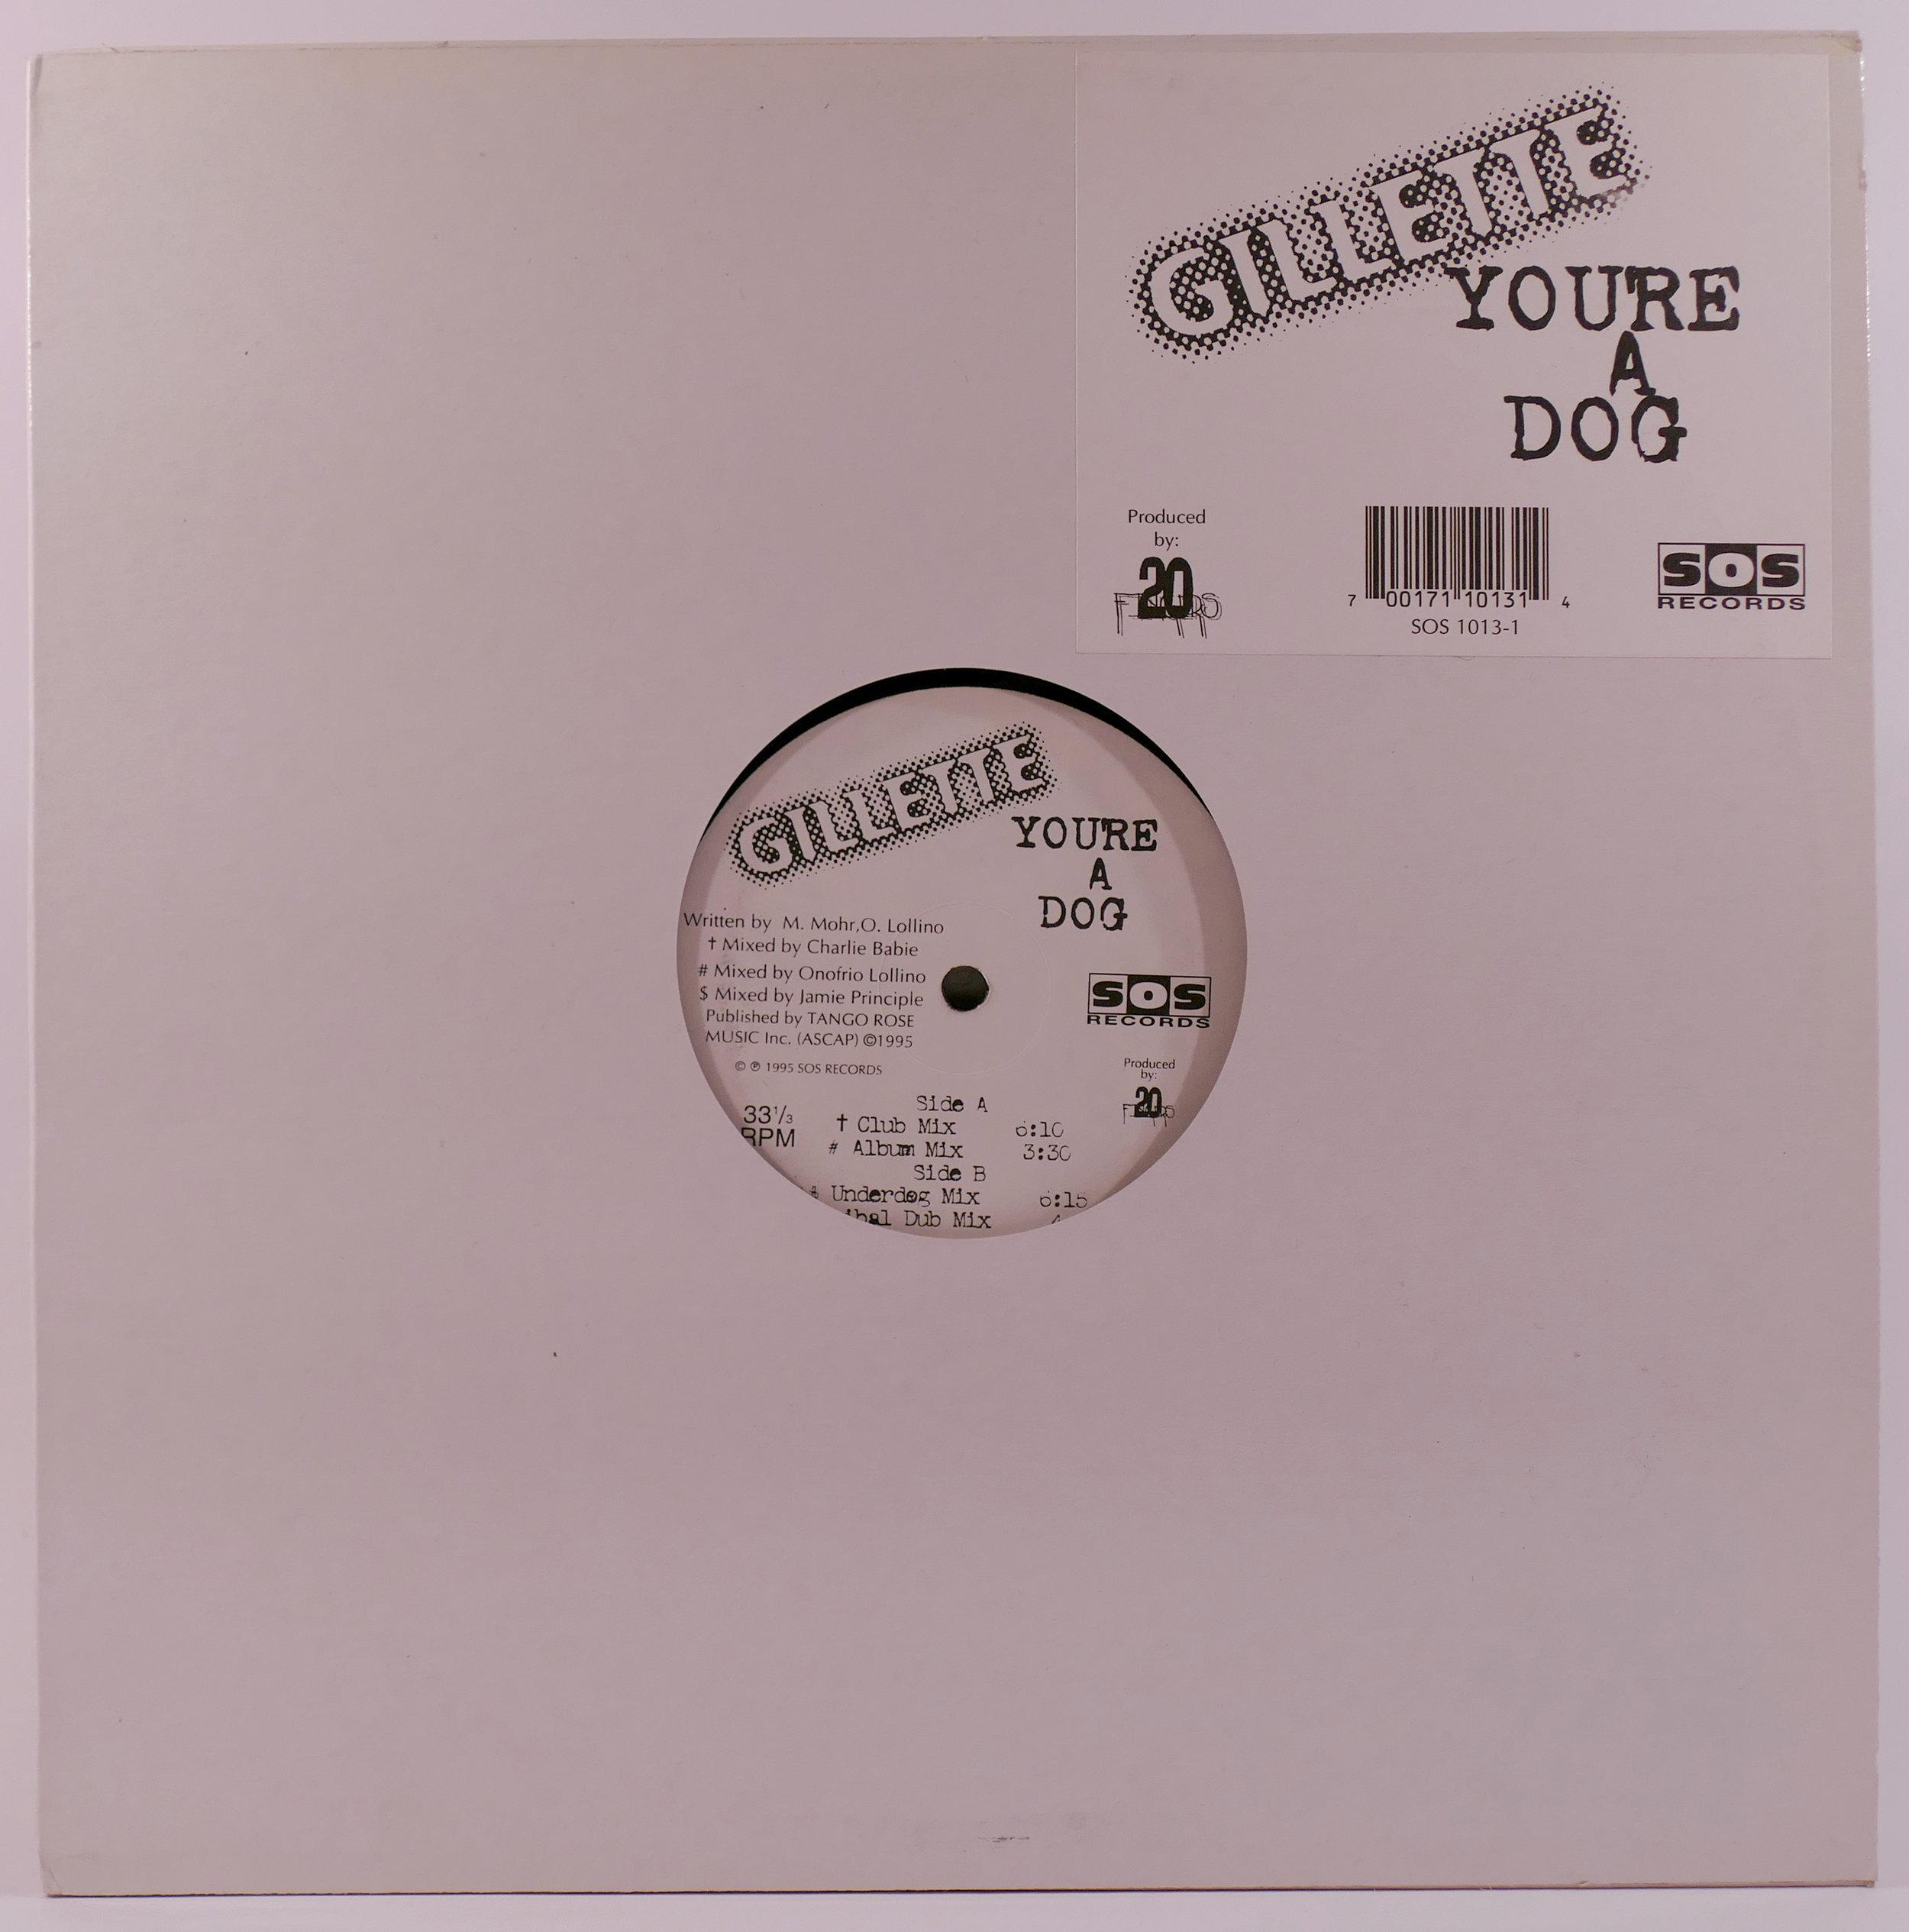 WLWLTDOO-1995-12-GILLETTE-YOD-SOS-A.JPG